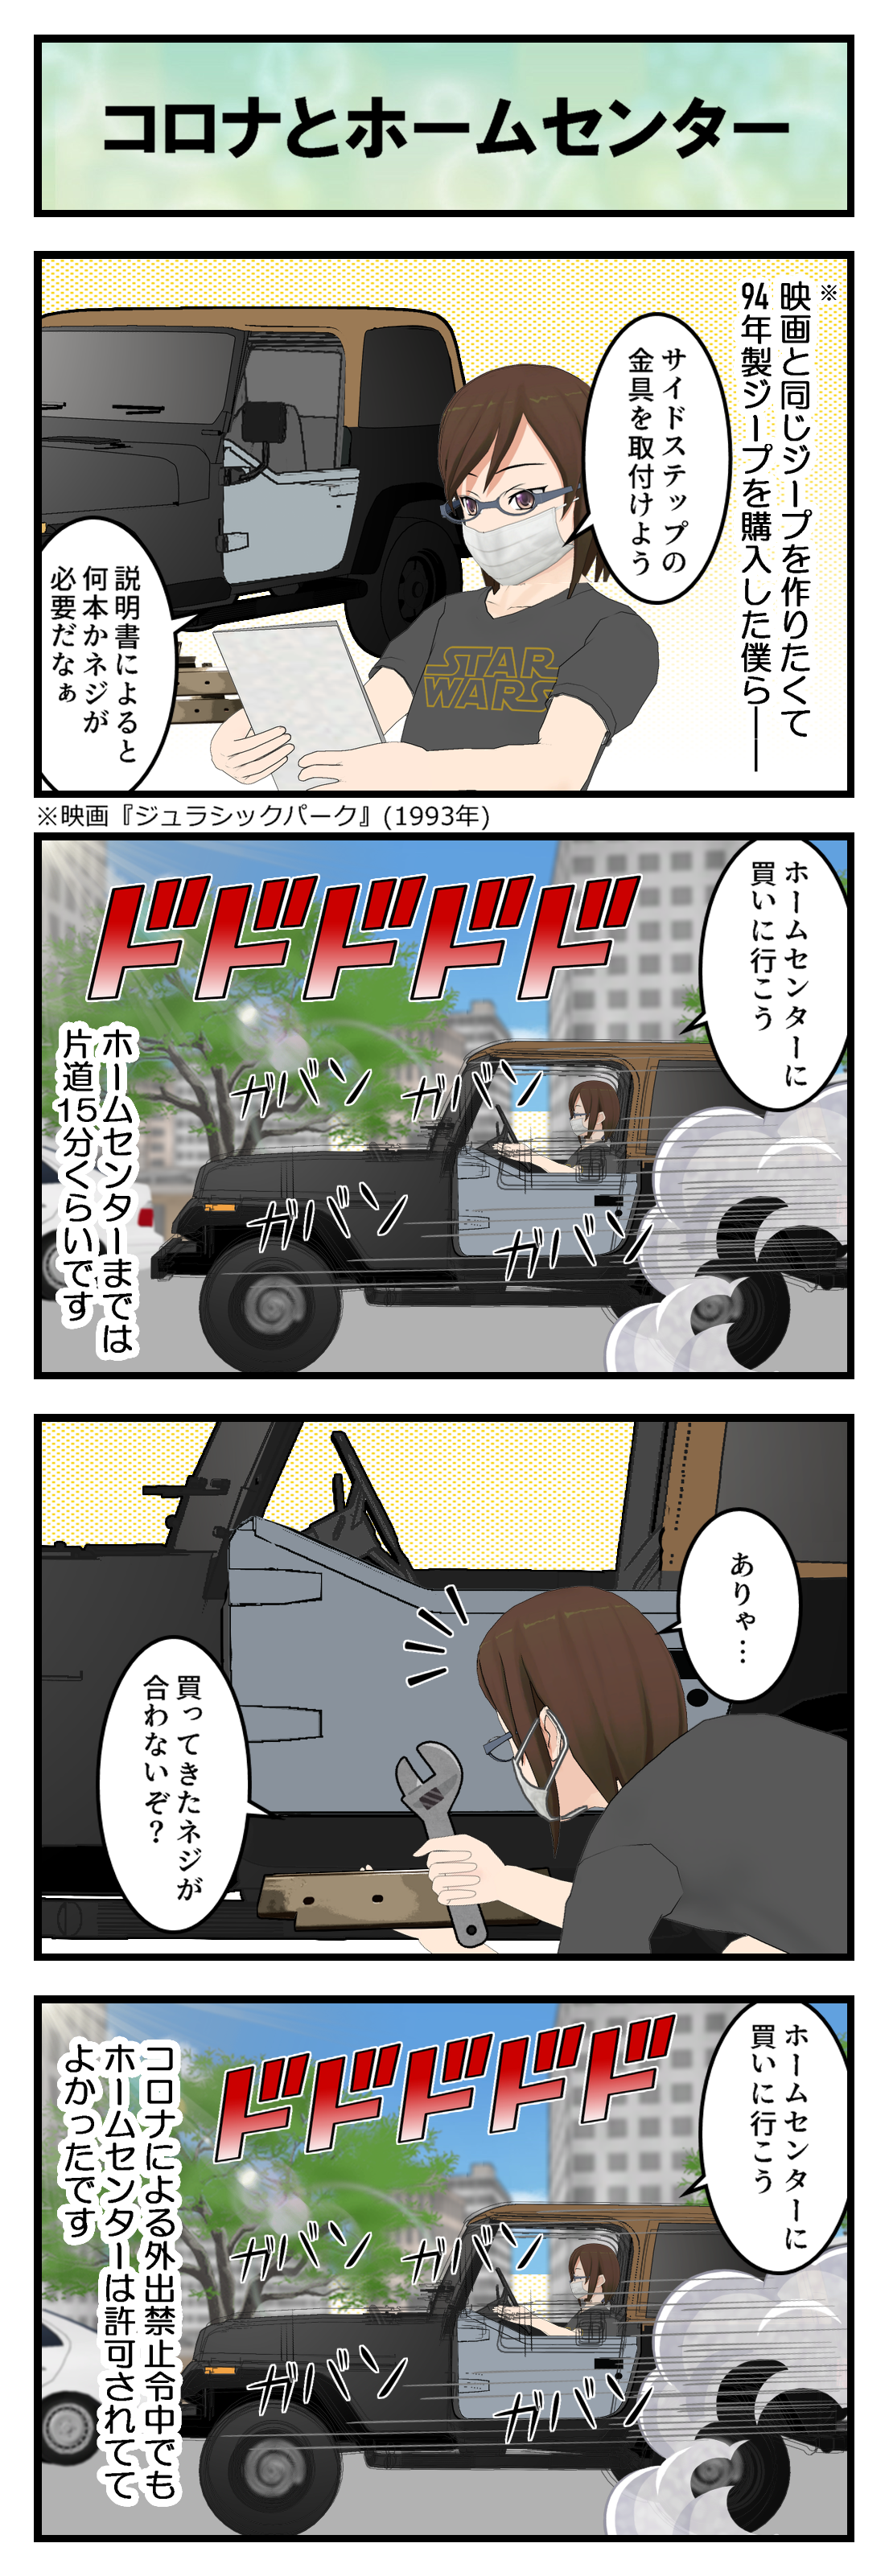 R806_サイドステップ3_001